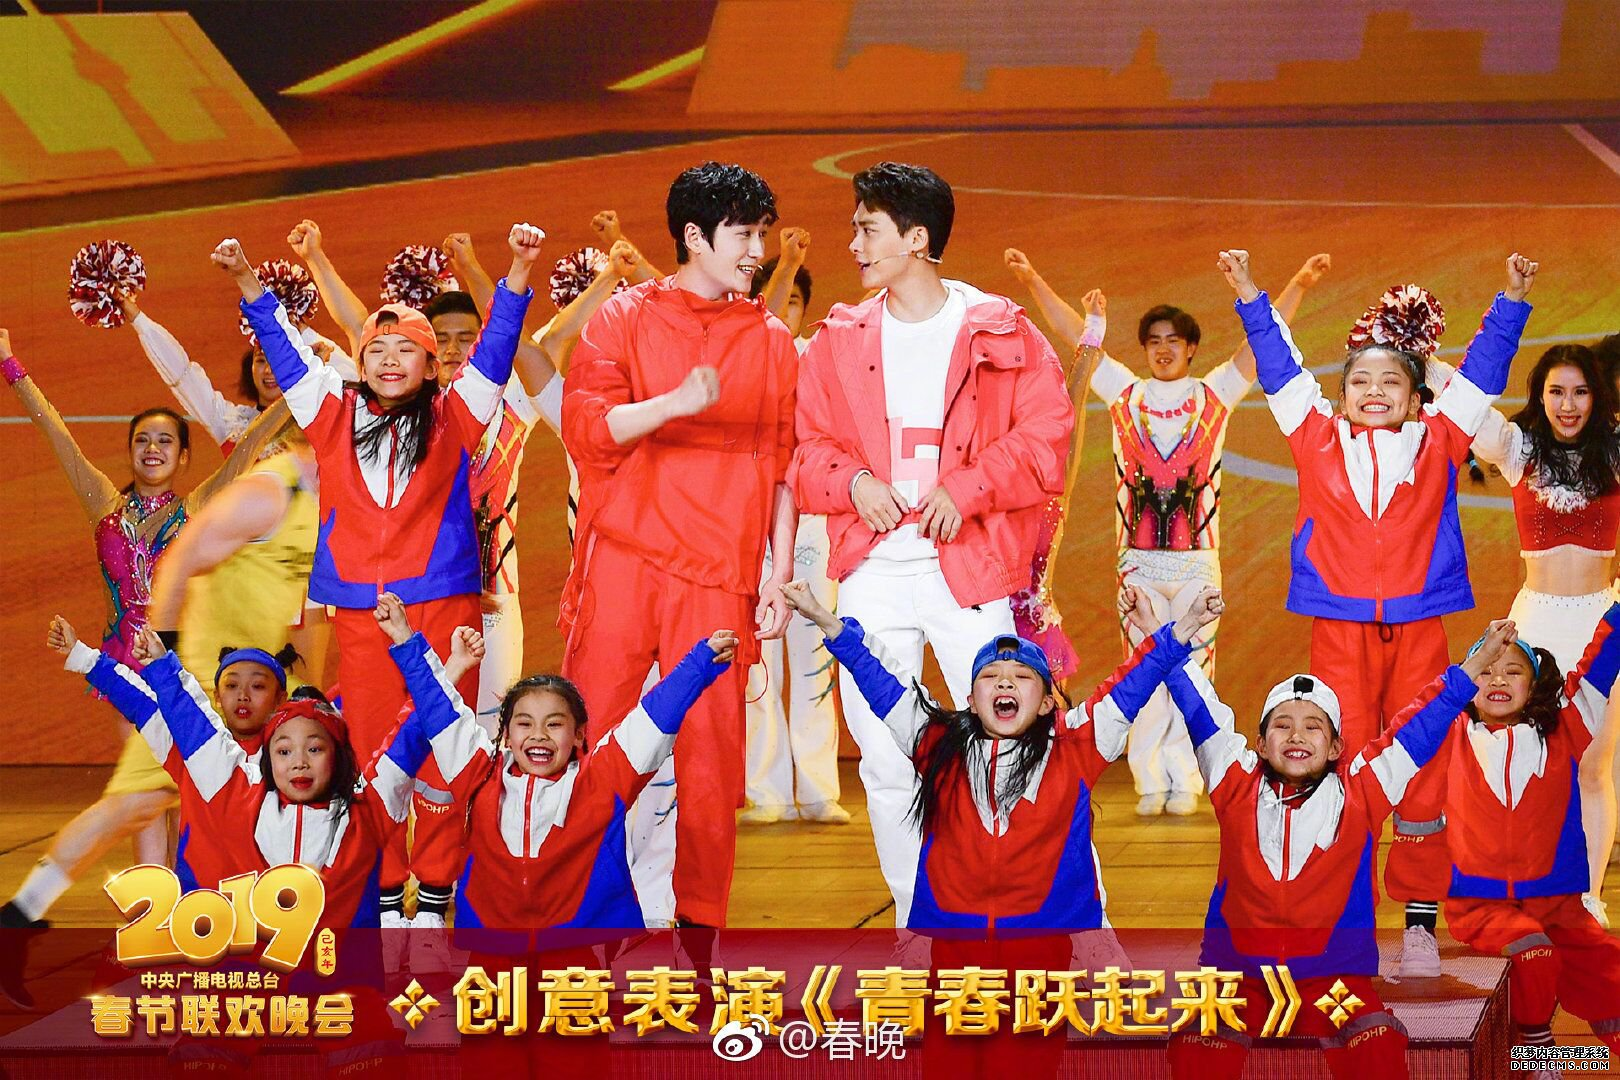 【滚动播报】李易峰朱一龙活力来袭 带来奇迹类网页游戏街舞秀